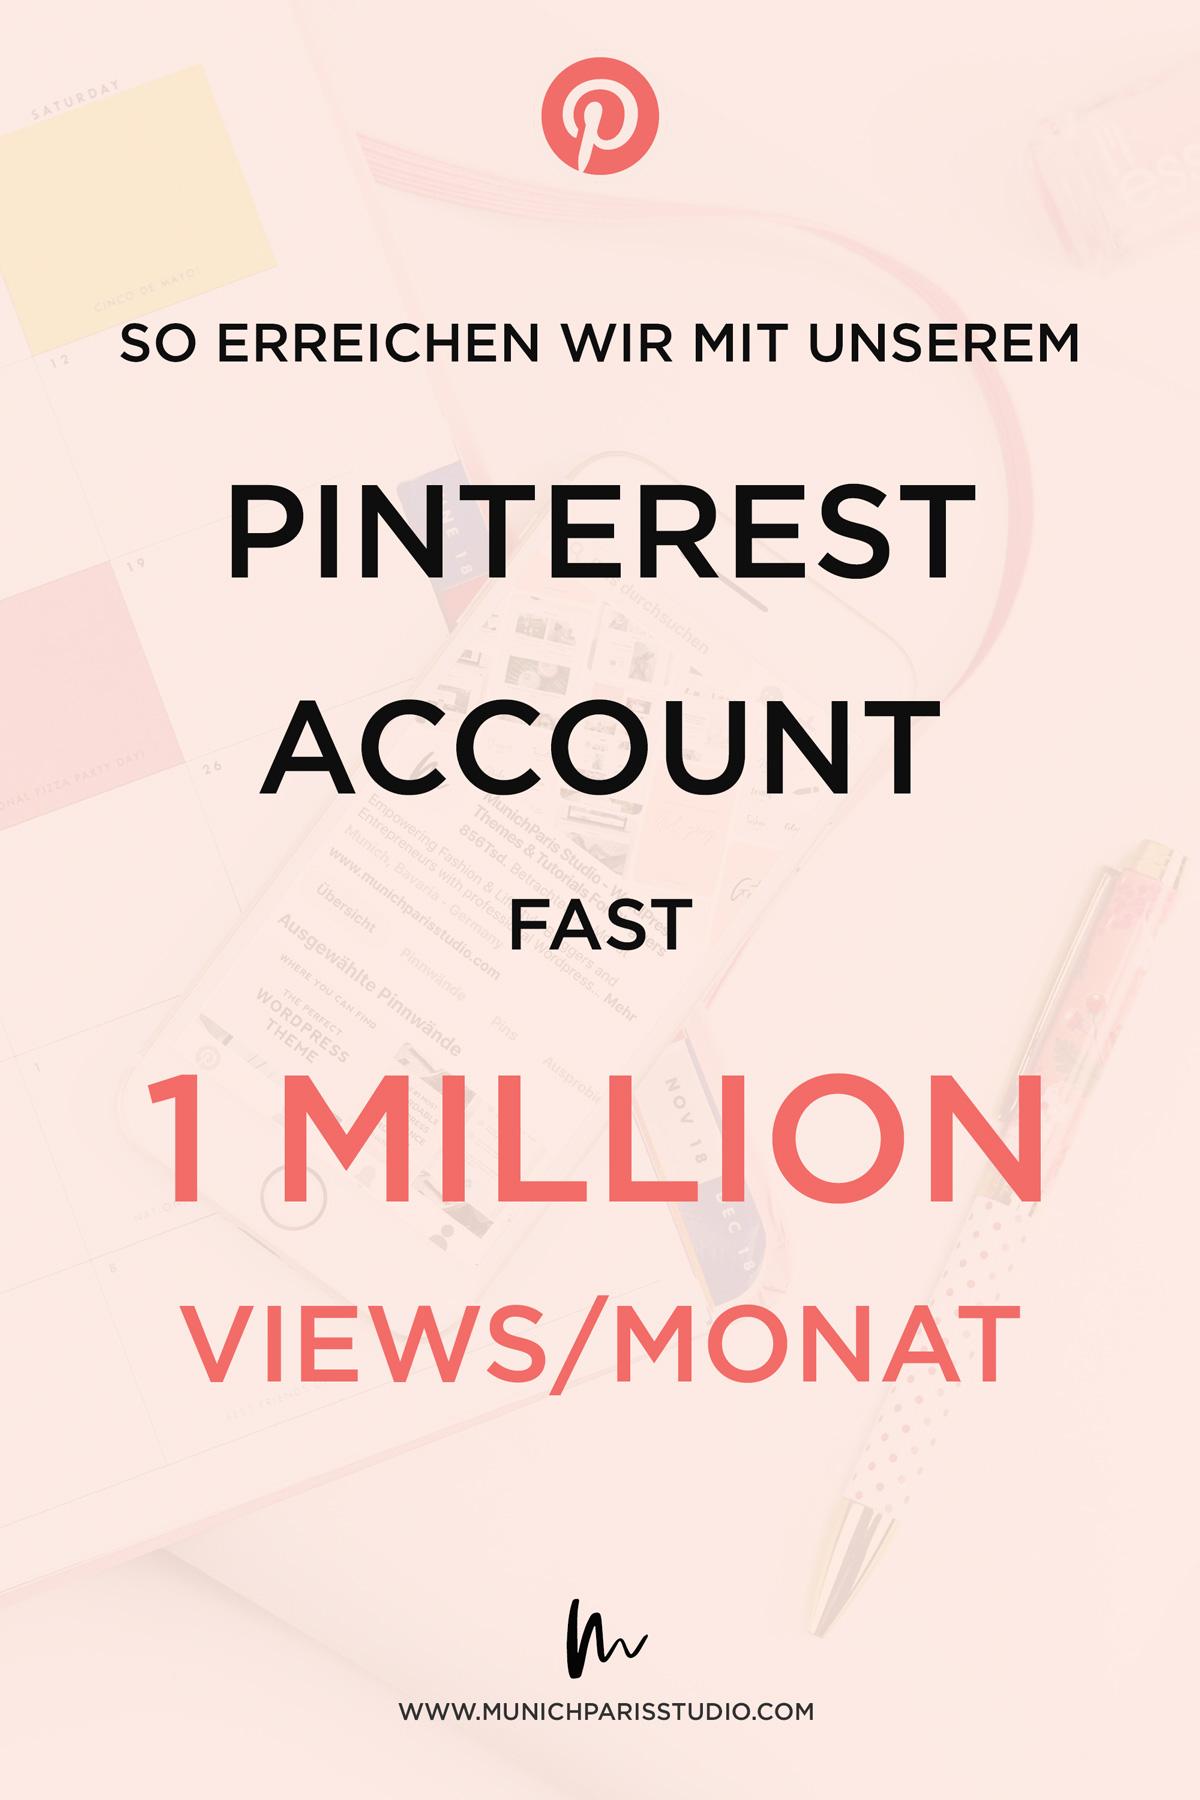 Pinterest Marketing für Blog und dein Unternehmen - So findest du die richtige Pinterest Stragie als Online Business - Unsere Erfolsgeschichte